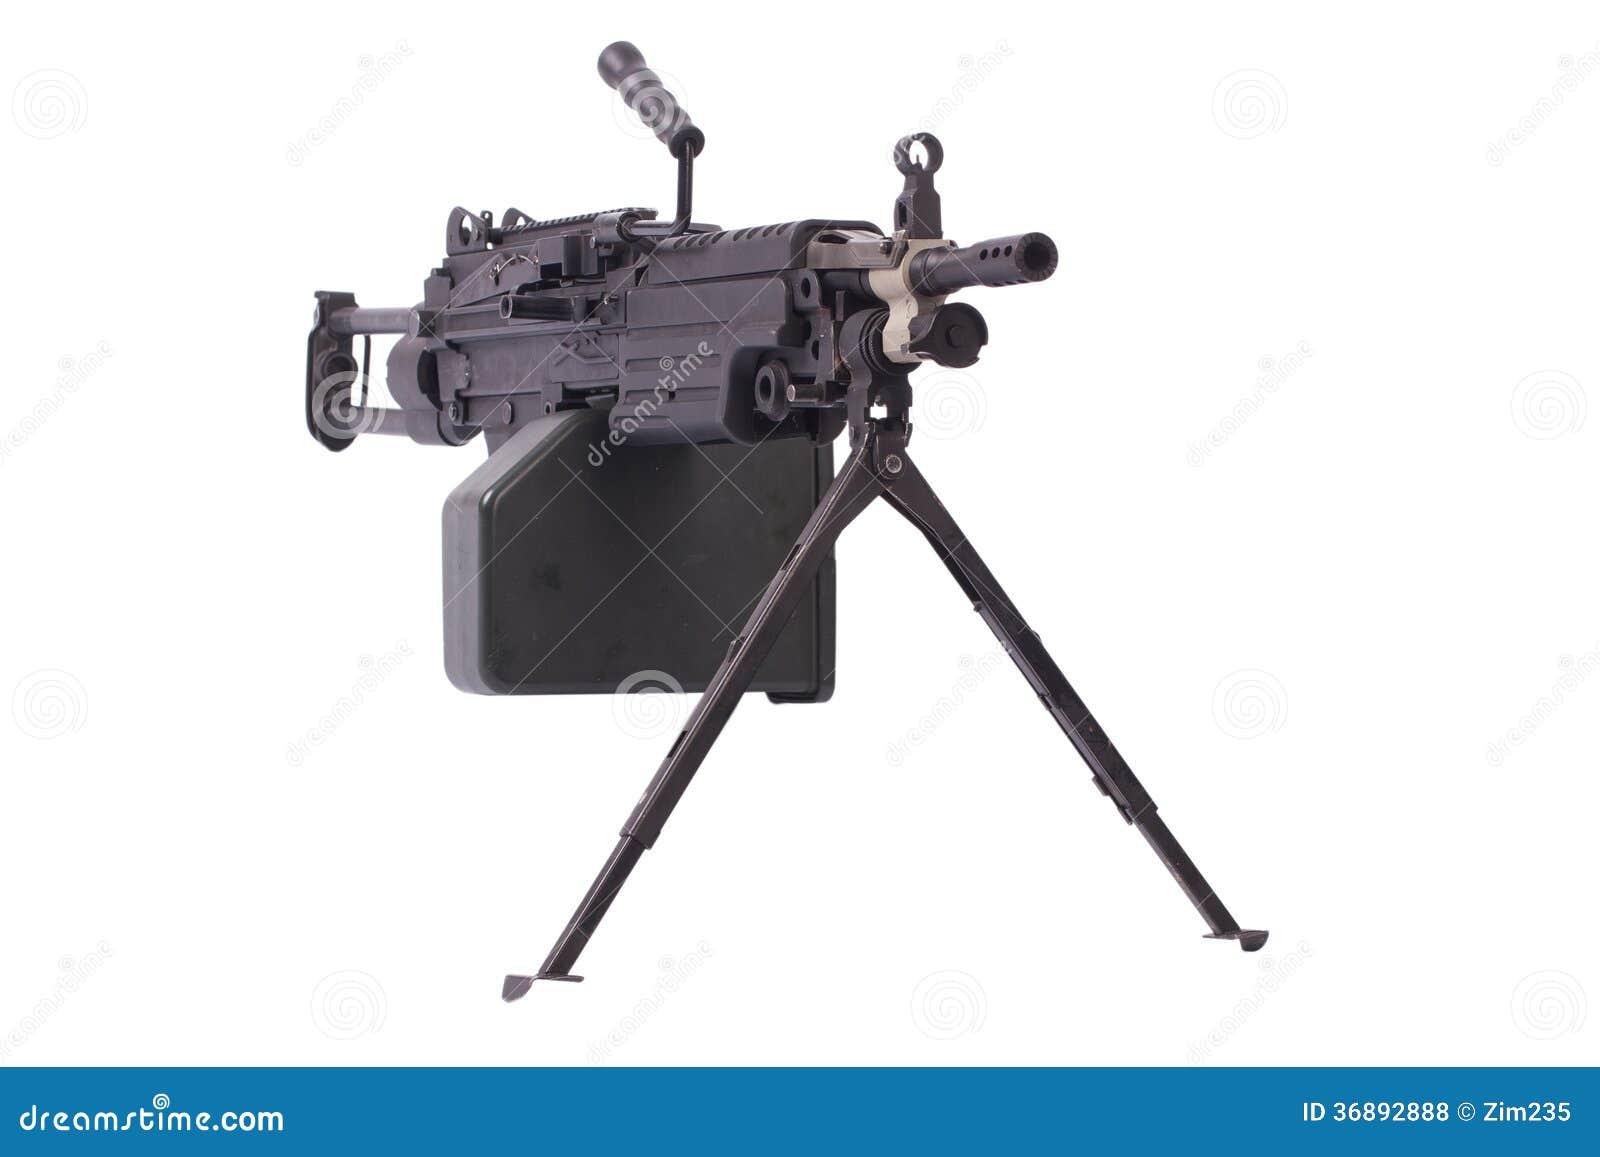 Download Moderno Mitragliatrice Dell'esercito Americano Fotografia Stock - Immagine di portata, scomparto: 36892888